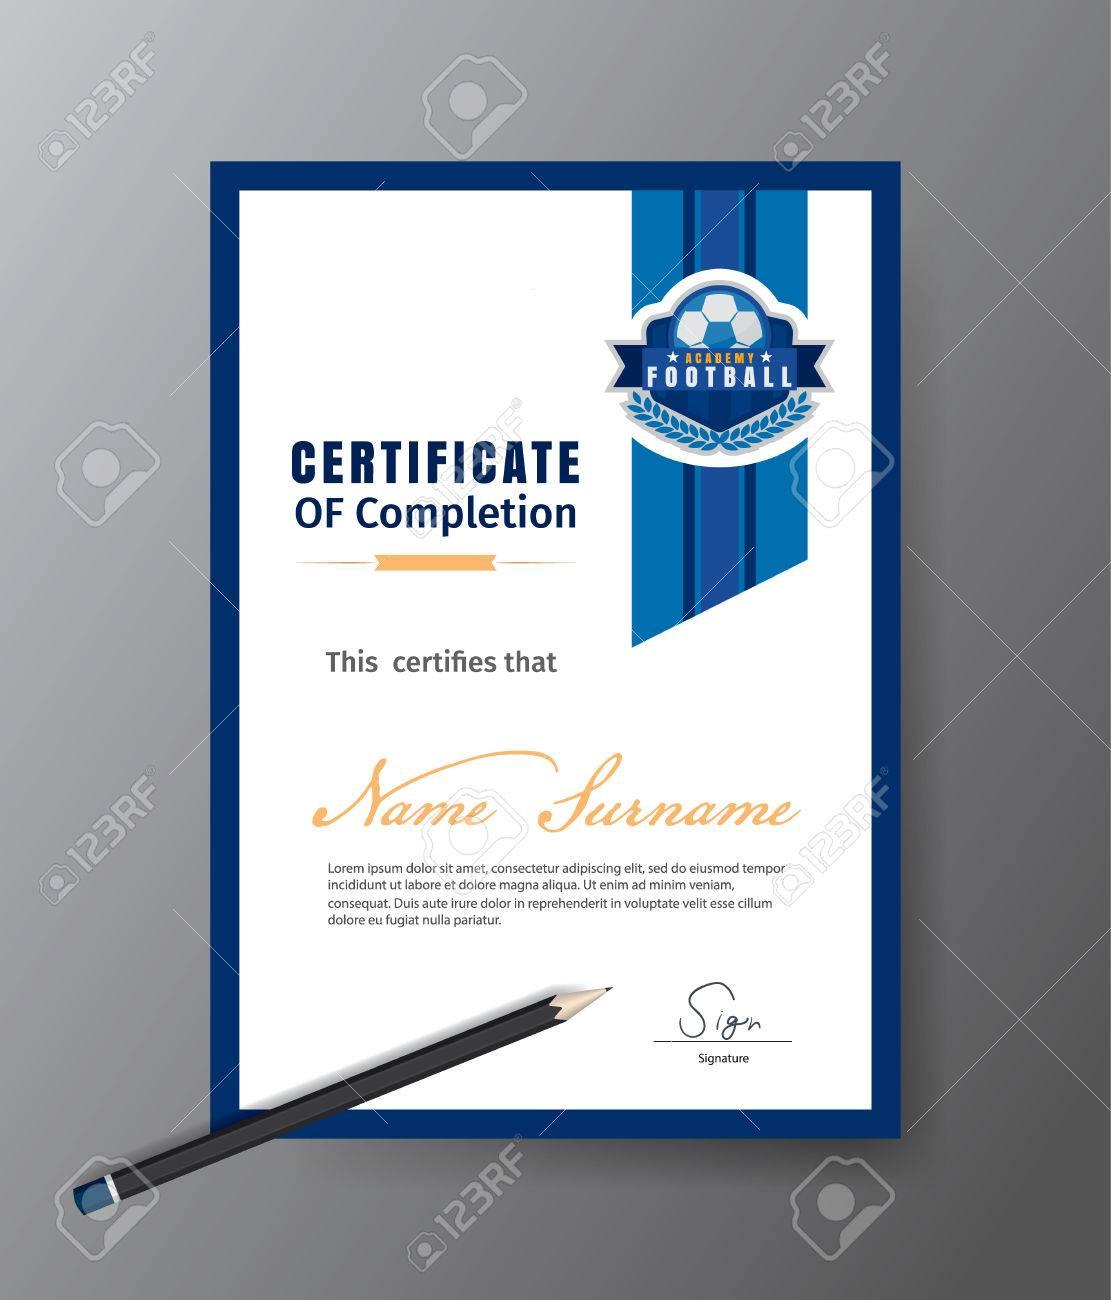 Contemporary Zertifikate Von Completion Vorlagen Crest - FORTSETZUNG ...